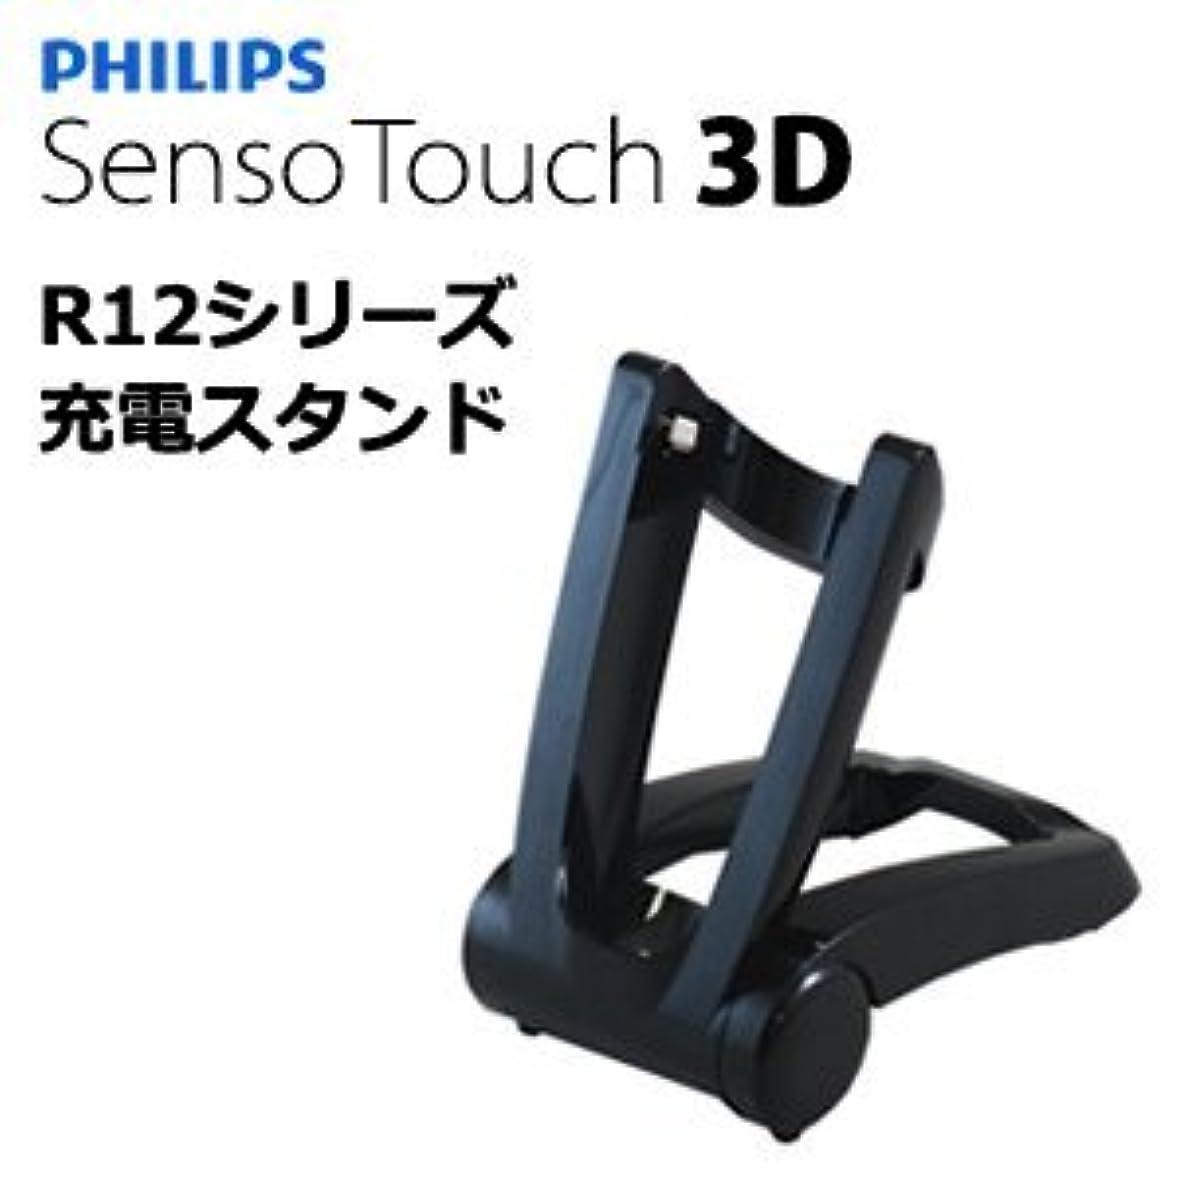 特異な国勢調査敬意PHILIPS 電動シェーバー Senso Touch 3D RQ12シリーズ 充電器 チャージャースタンド フィリップス センソタッチ シリーズ 携帯 充電器 チャージャー スタンド